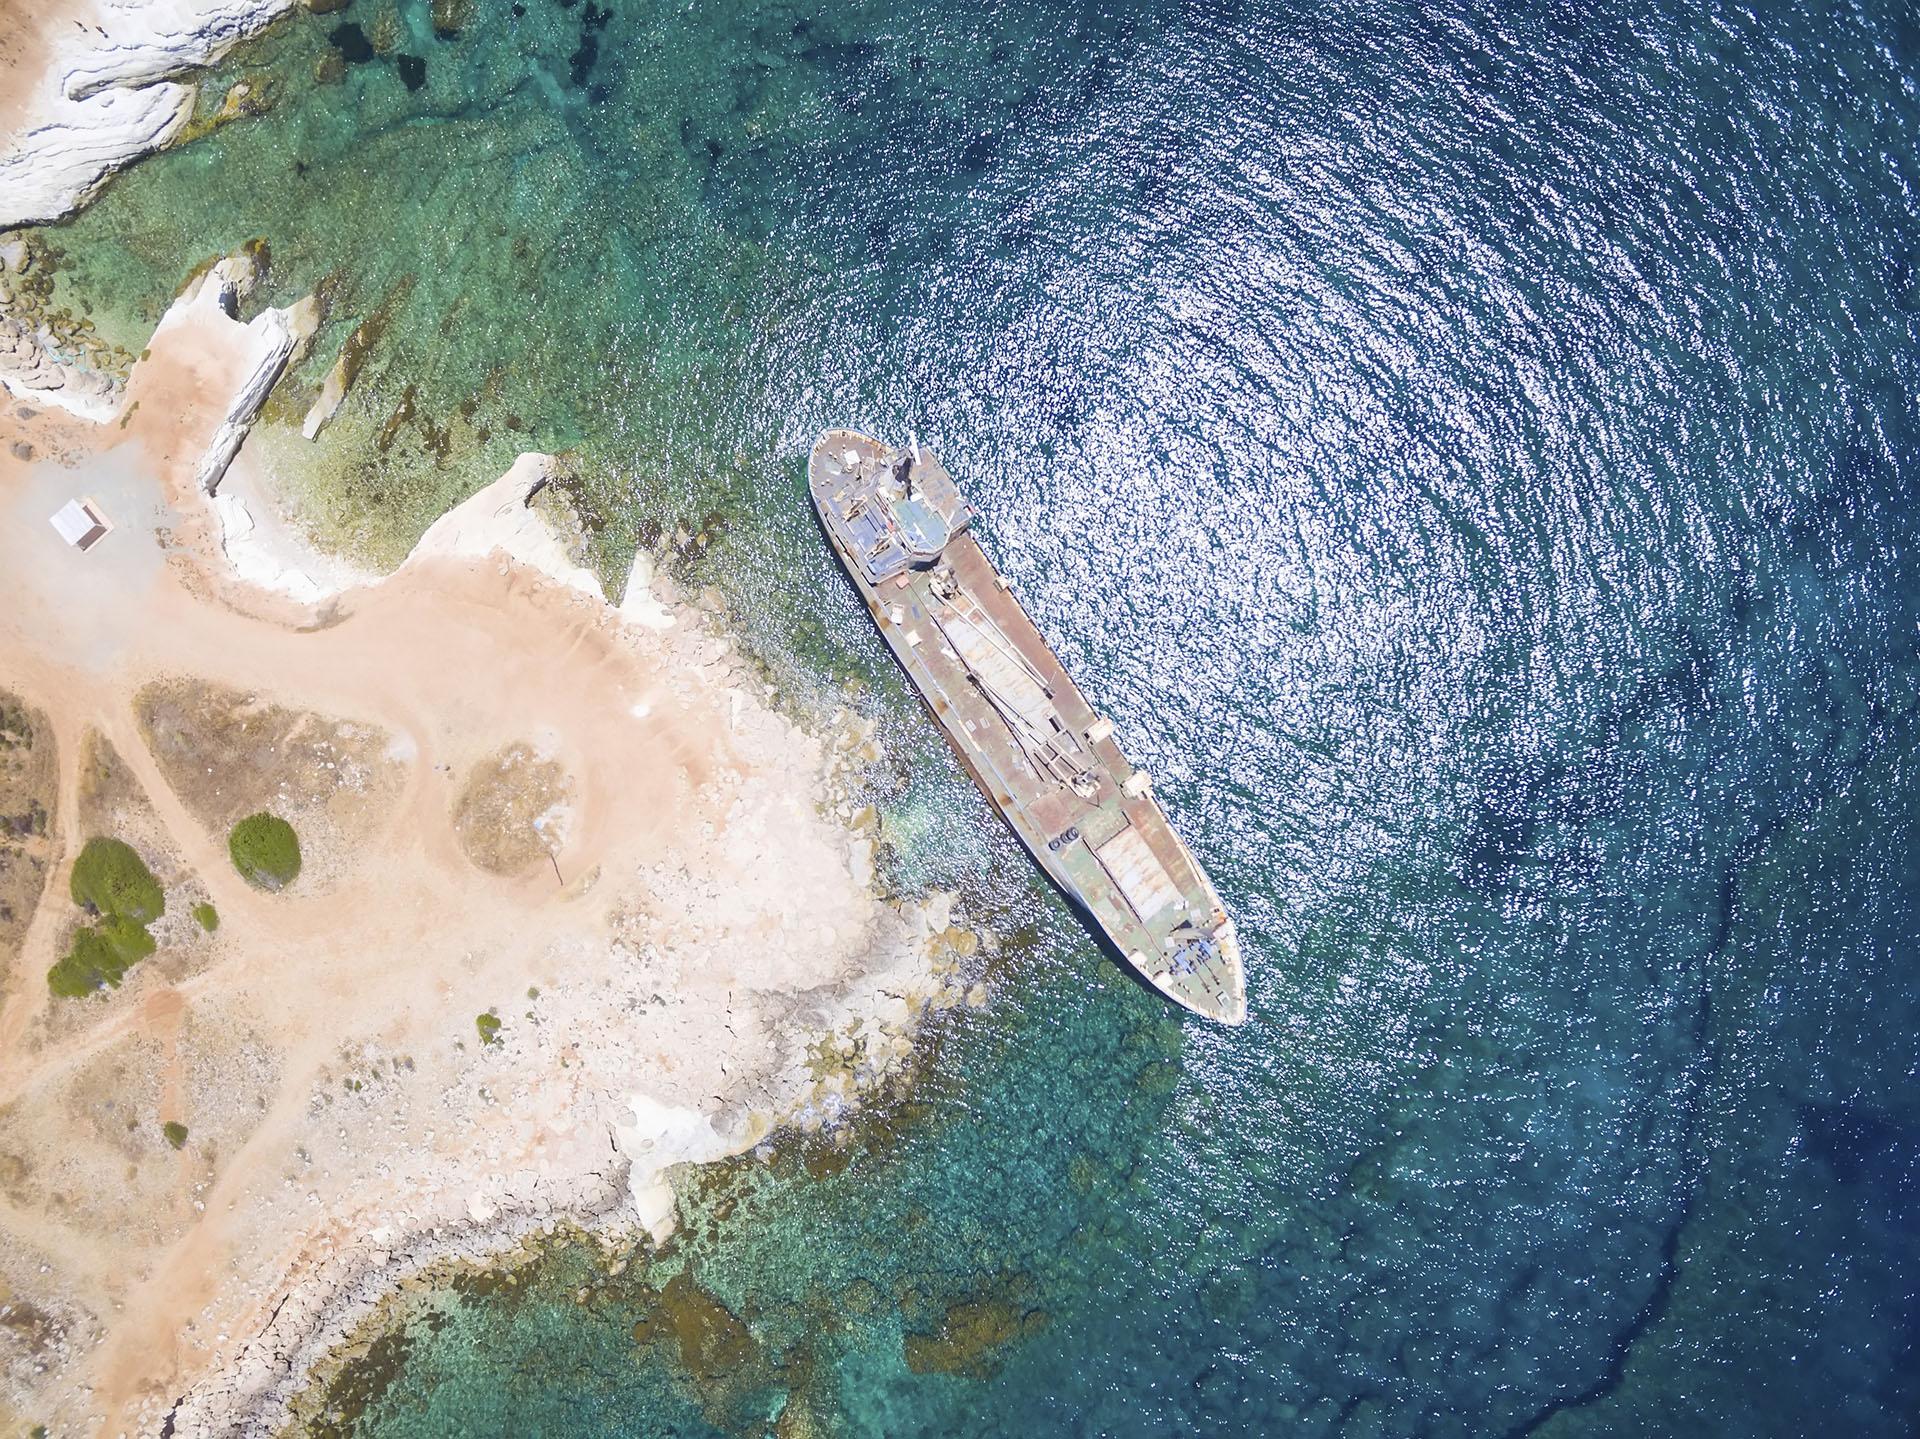 Кипр:  легендарный остров любви Кипр:  легендарный остров любви tild3031 6661 4335 b263 363466336466  shutterstock 6886979